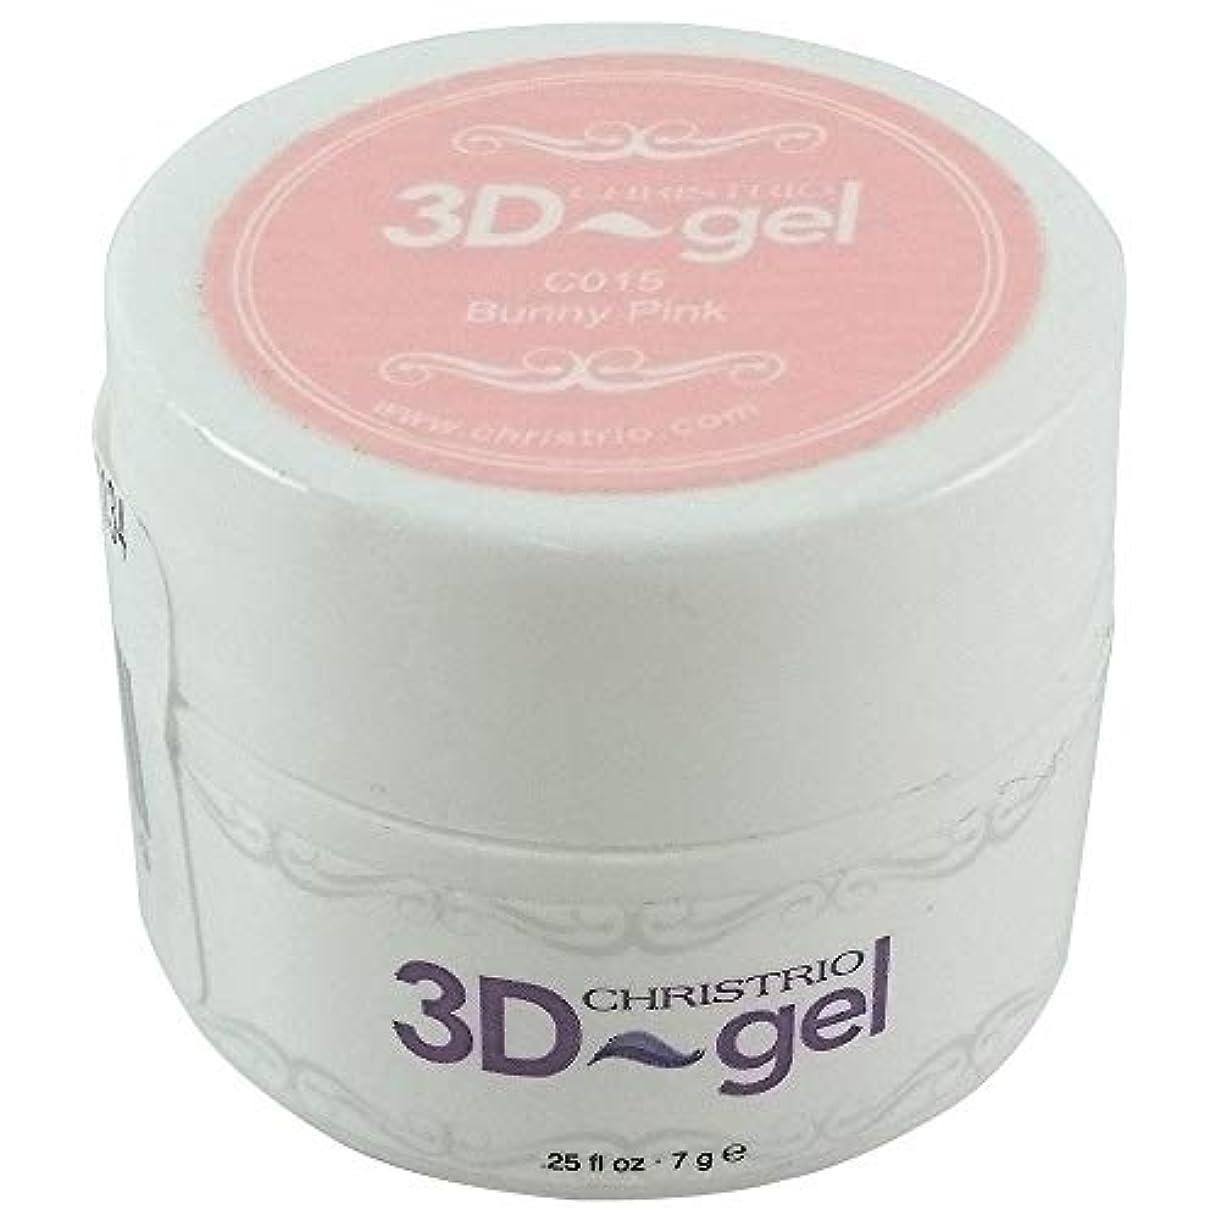 コールドフリル好むCHRISTRIO 3Dジェル 7g C015 バニーピンク